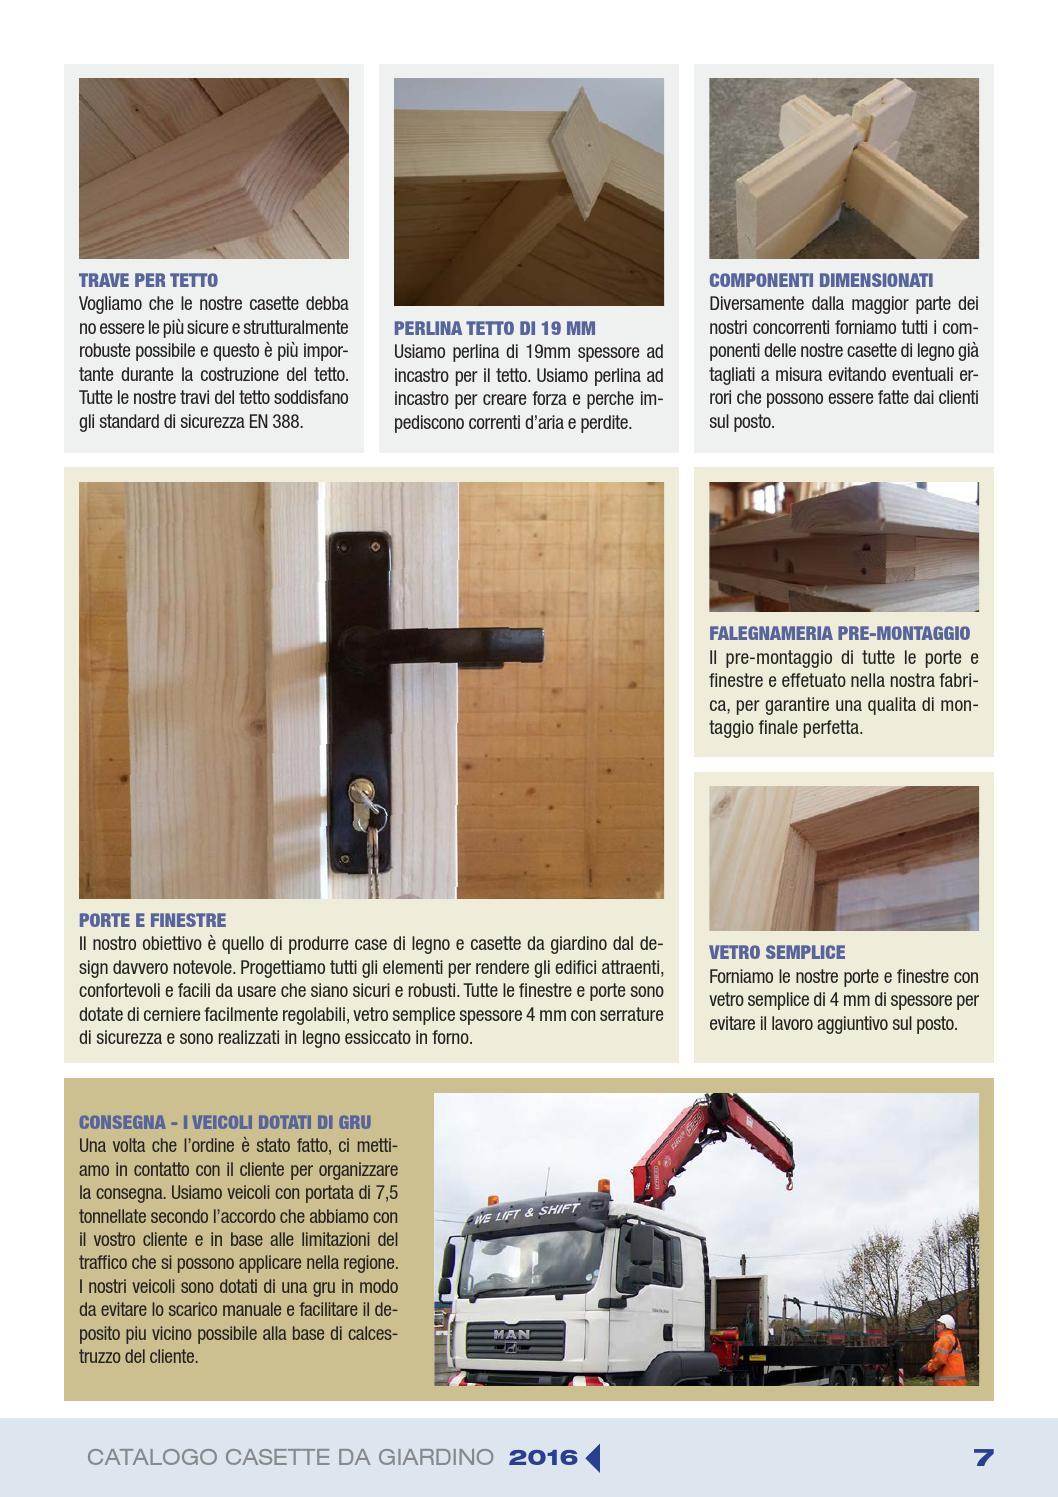 Accessori Per Casette Da Giardino.Eagle Buildings Catalogo Casette Da Giardino 2016 By Engineer